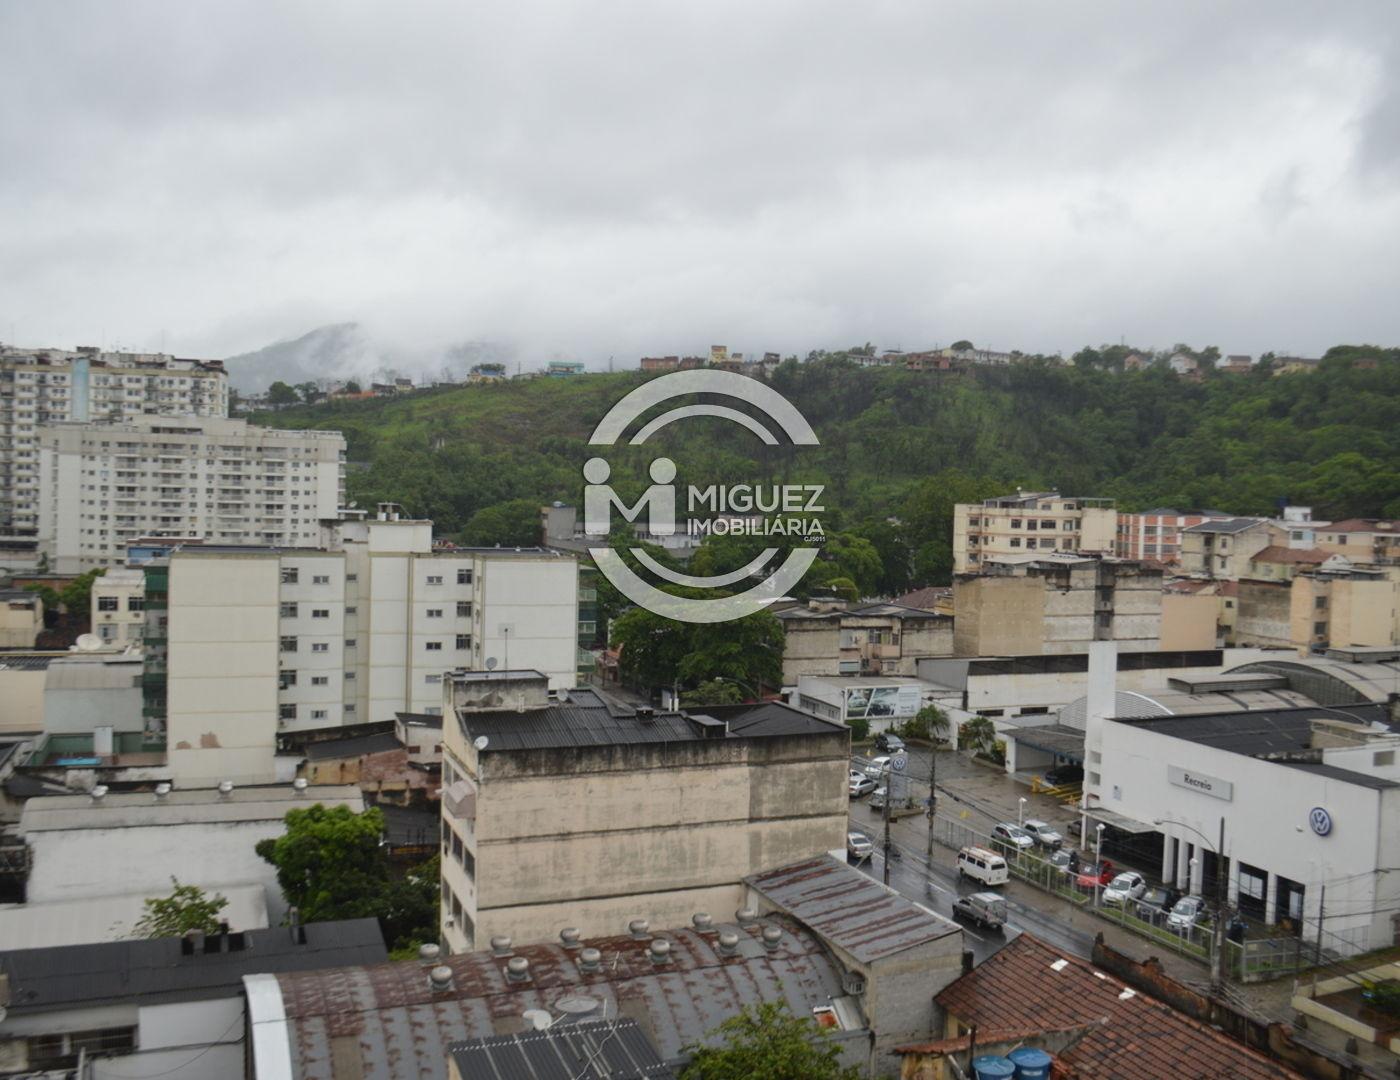 Apartamento, aluguel, Rua São Francisco Xavier - Maracanã , Rio de janeiro